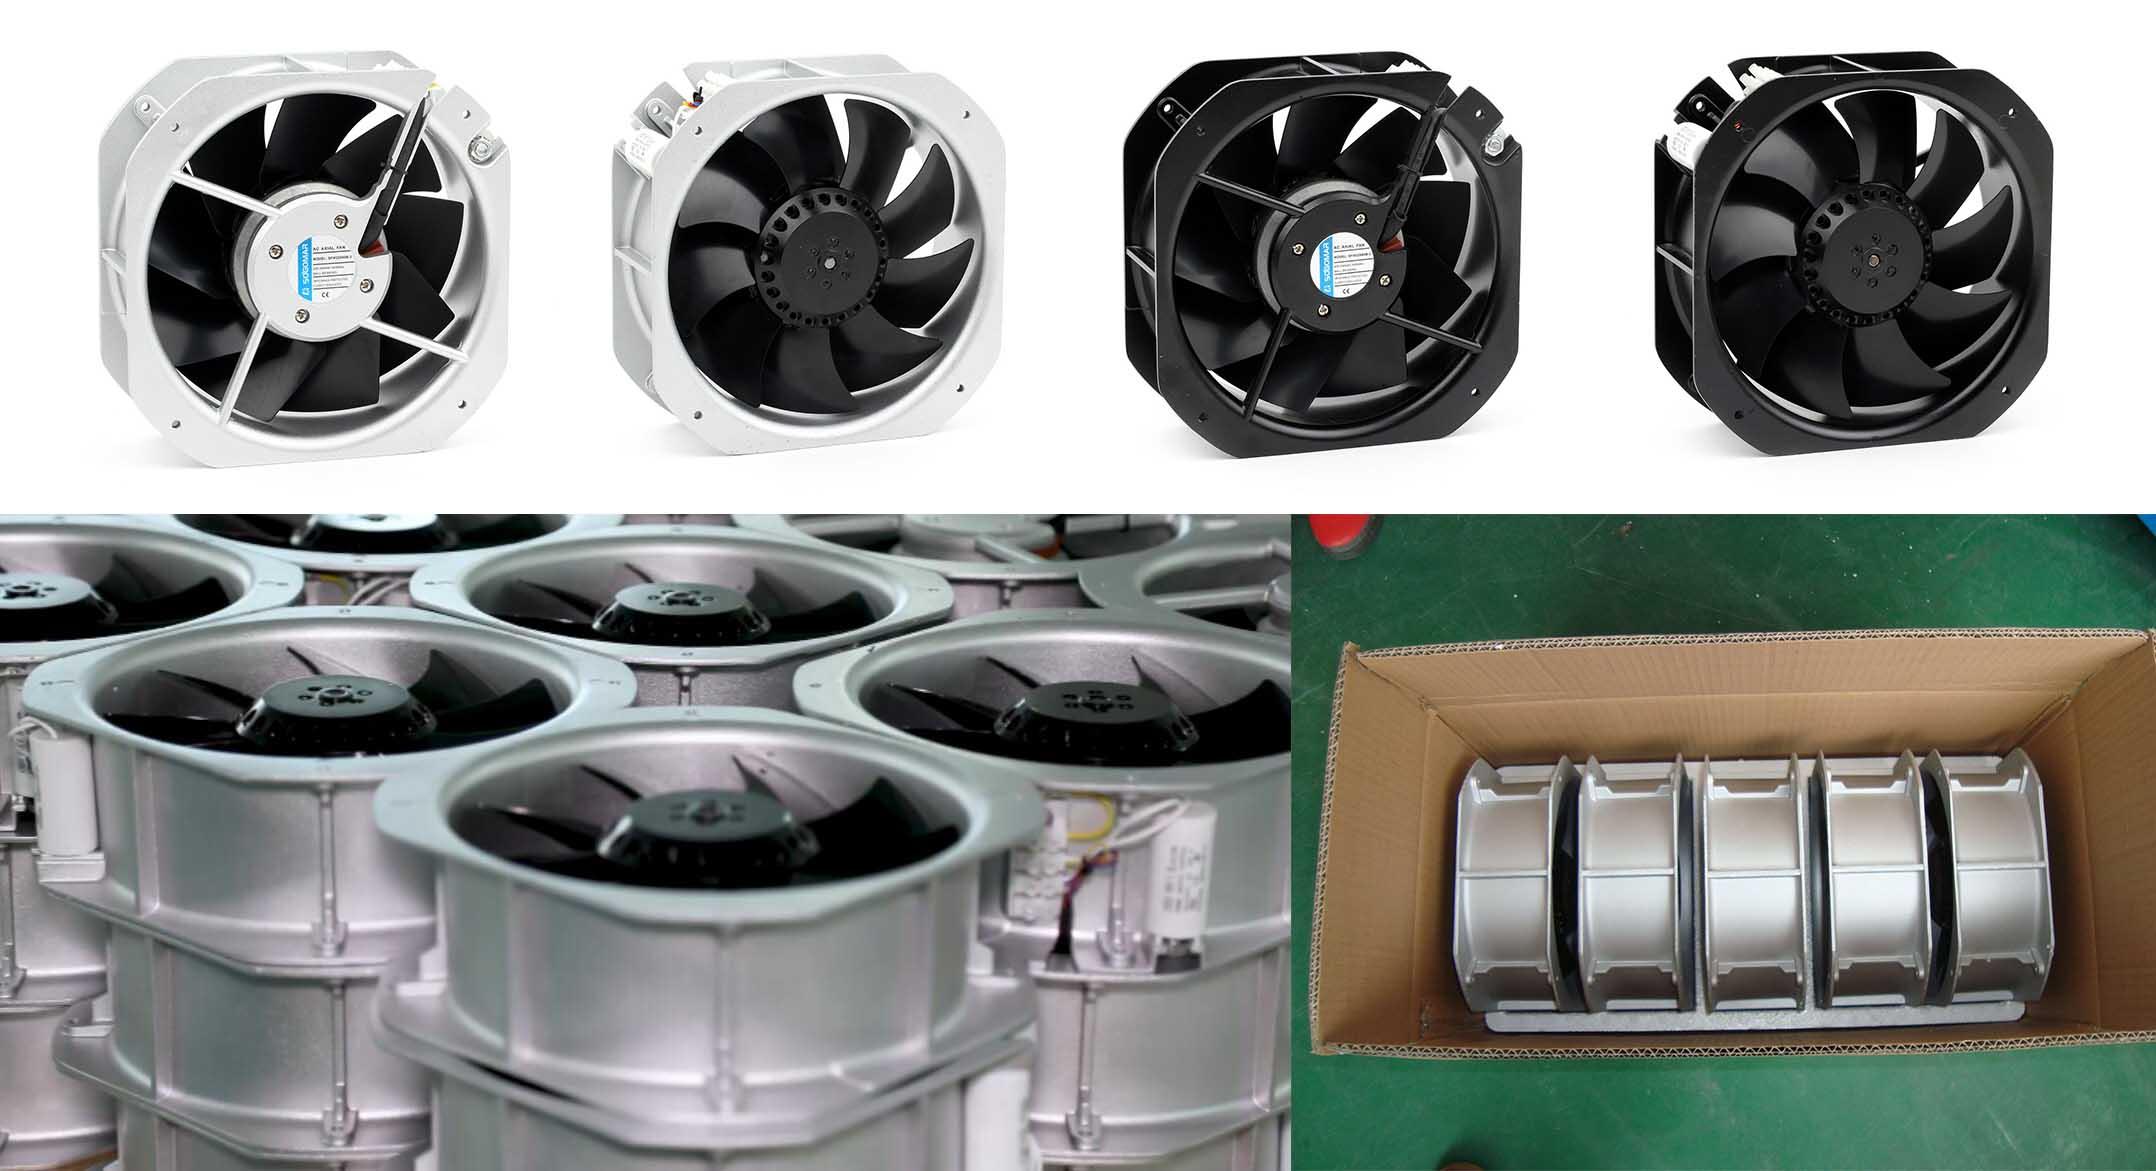 sell axial fan 225x225x80mm metal blades 220VAC